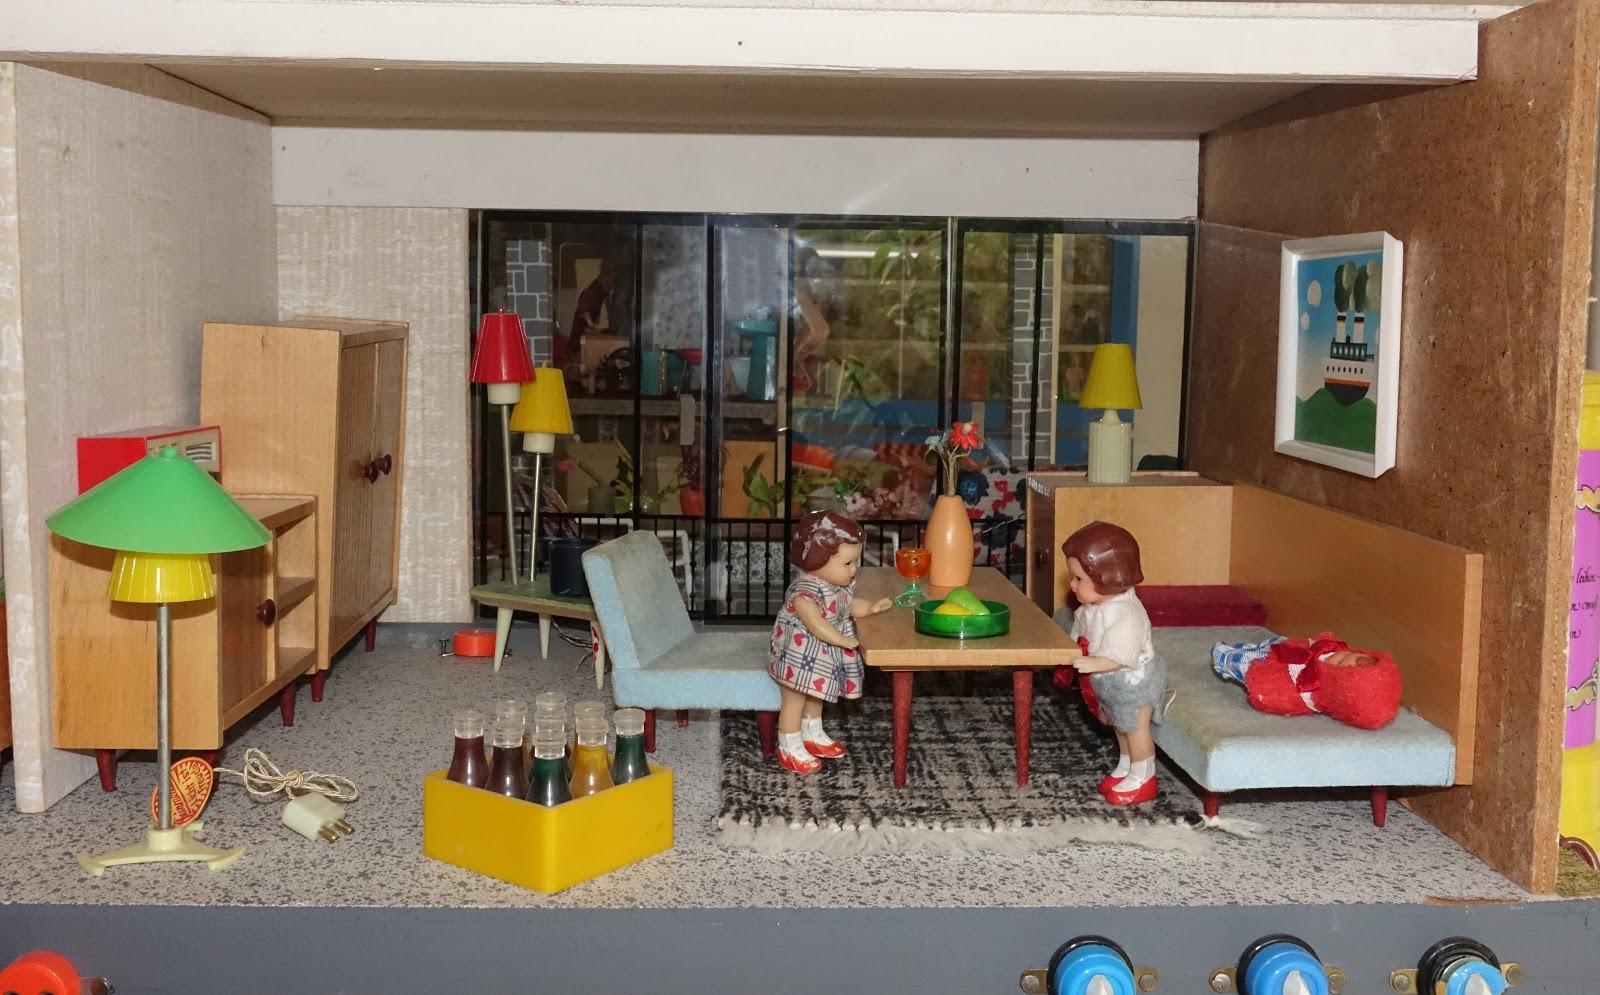 Diepuppenstubensammlerin 1960er wohnzimmer ems 1960s for Wohnzimmer 1960